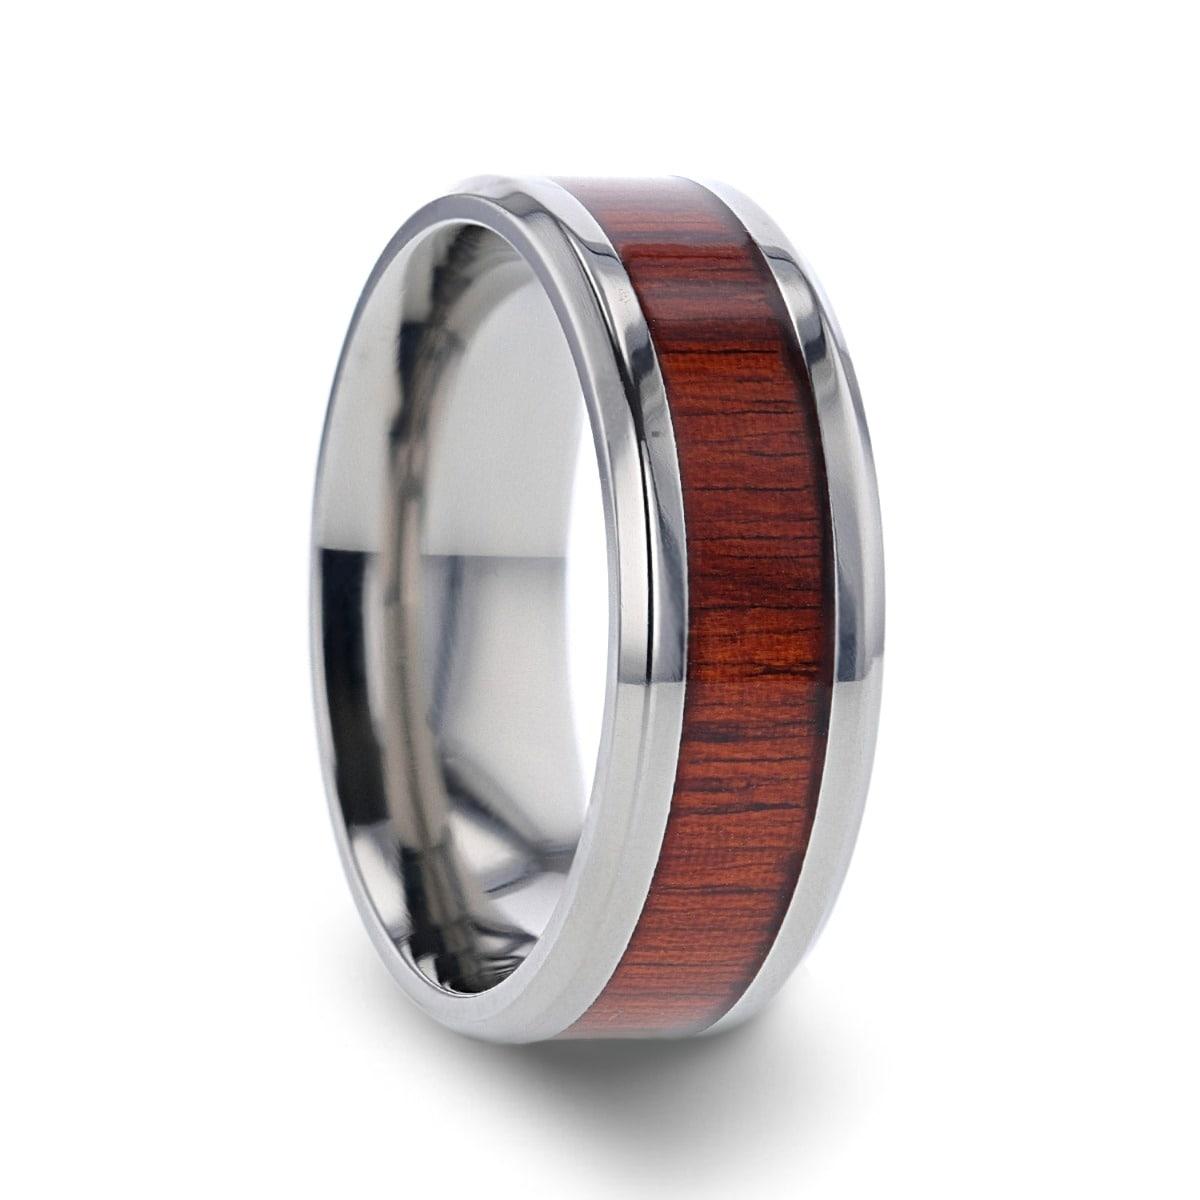 Comfort Fit 8 mm Lightweight Titanium Black Titanium Polished Finish Men/'s Domed Wedding Band Thorsten Varen Titanium Rings for Men